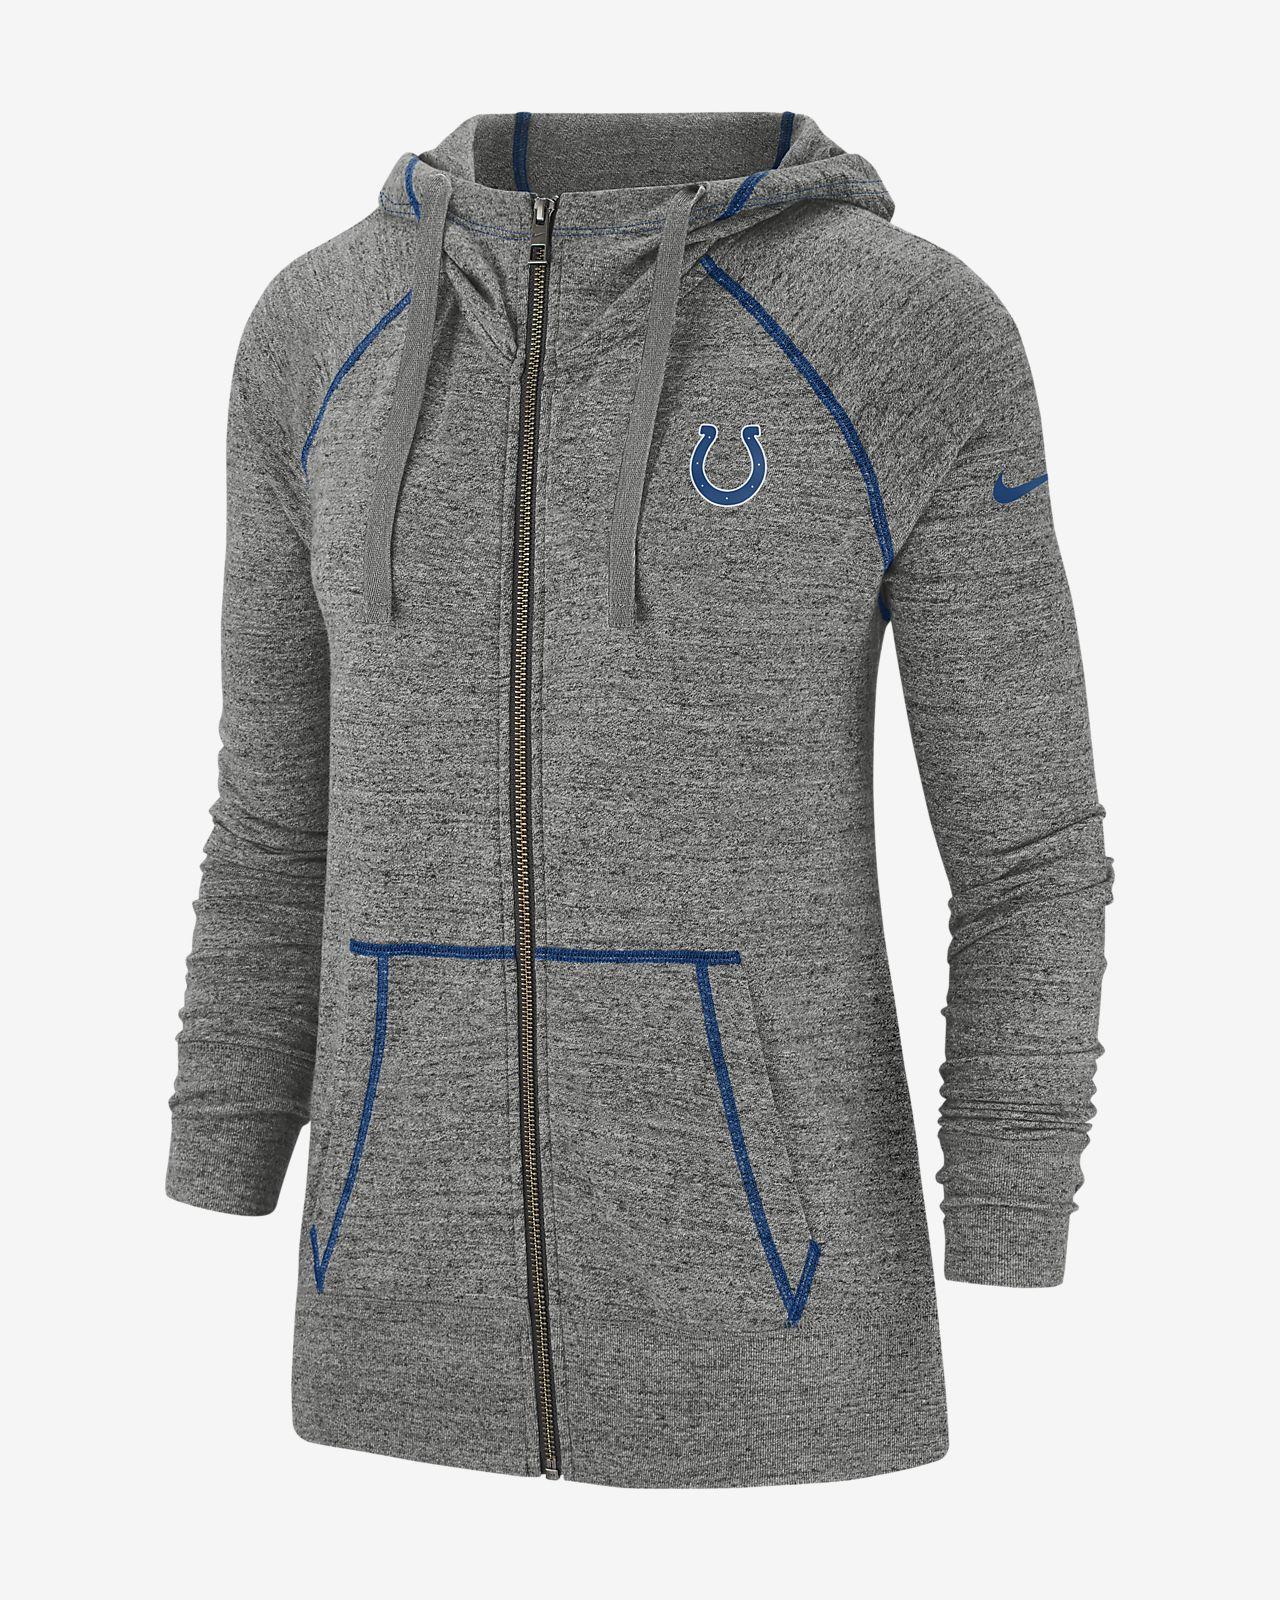 newest 75192 2ed63 Nike Gym Vintage (NFL Colts) Women's Full-Zip Hoodie